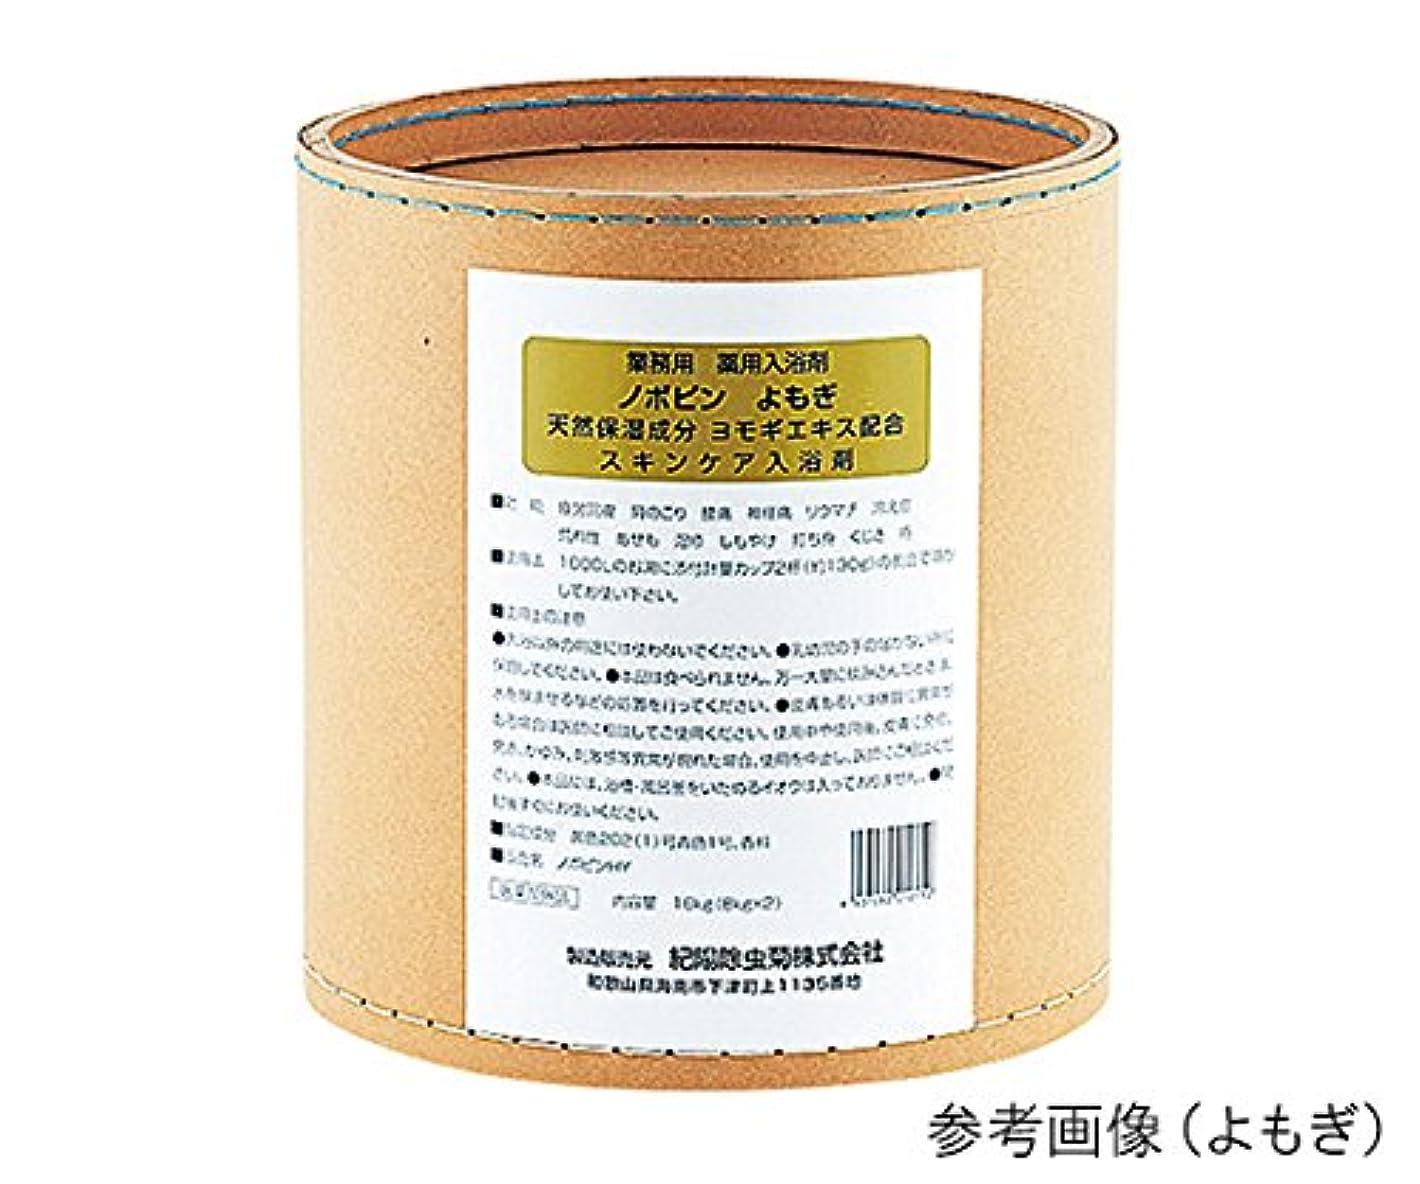 整理する一緒に硬化する紀陽除虫菊7-2541-02業務用薬用入浴剤(ノボピン)アロエ(8kg×2個入)